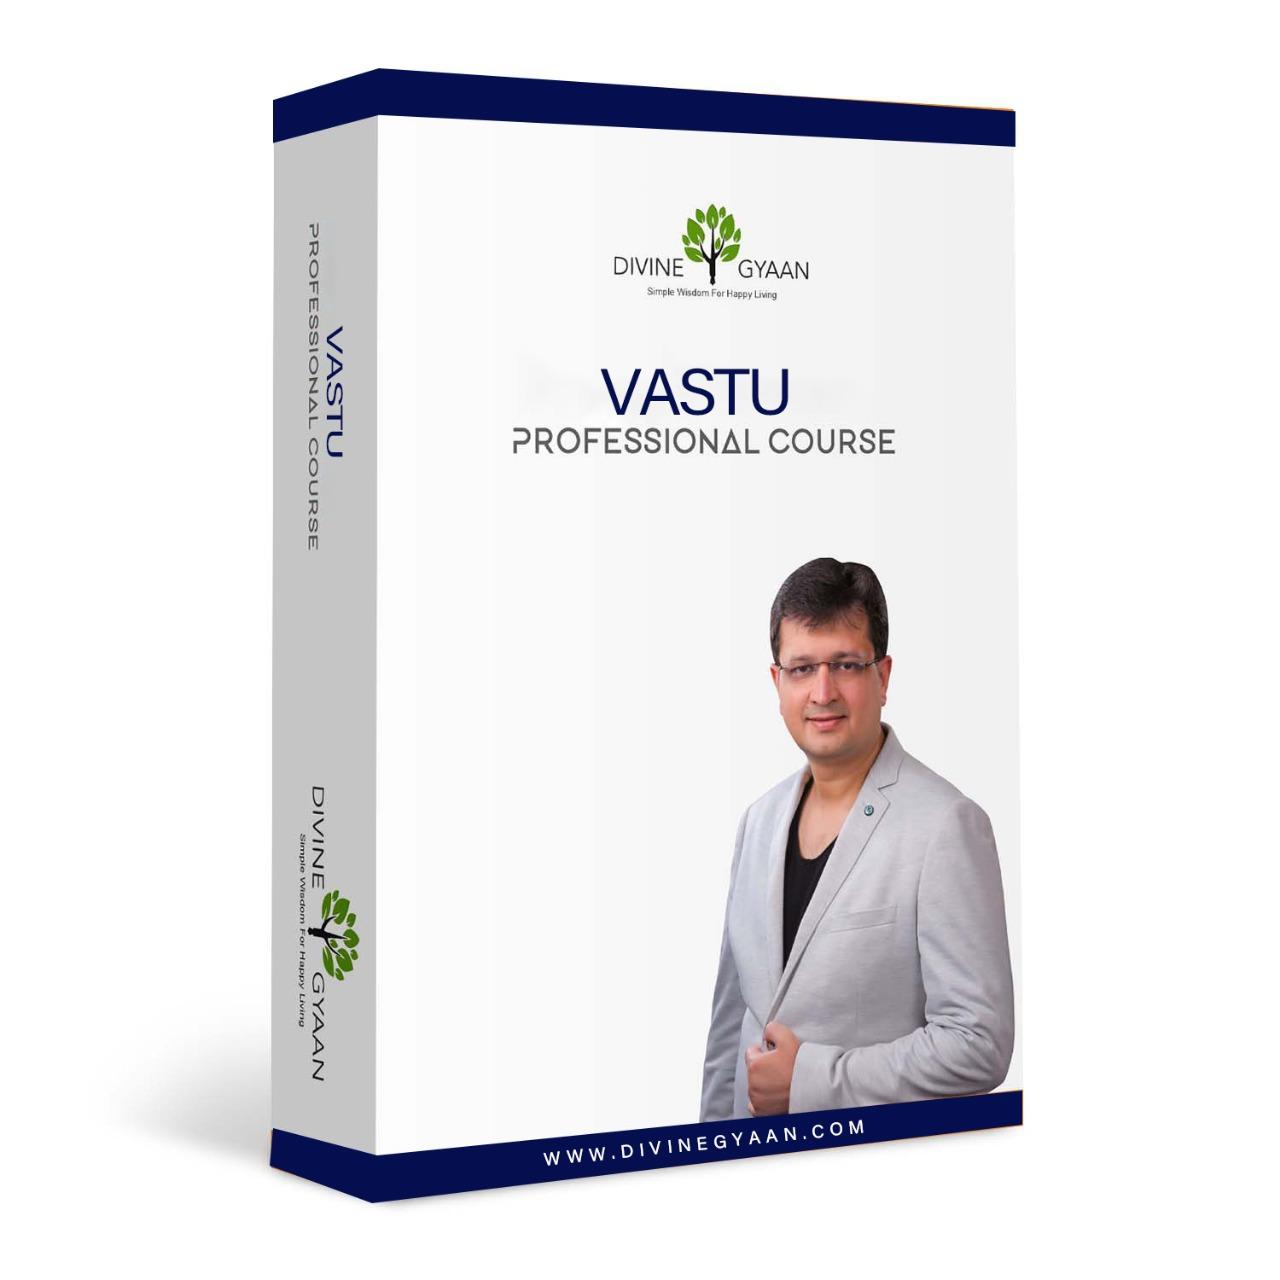 Vastu Professional Course